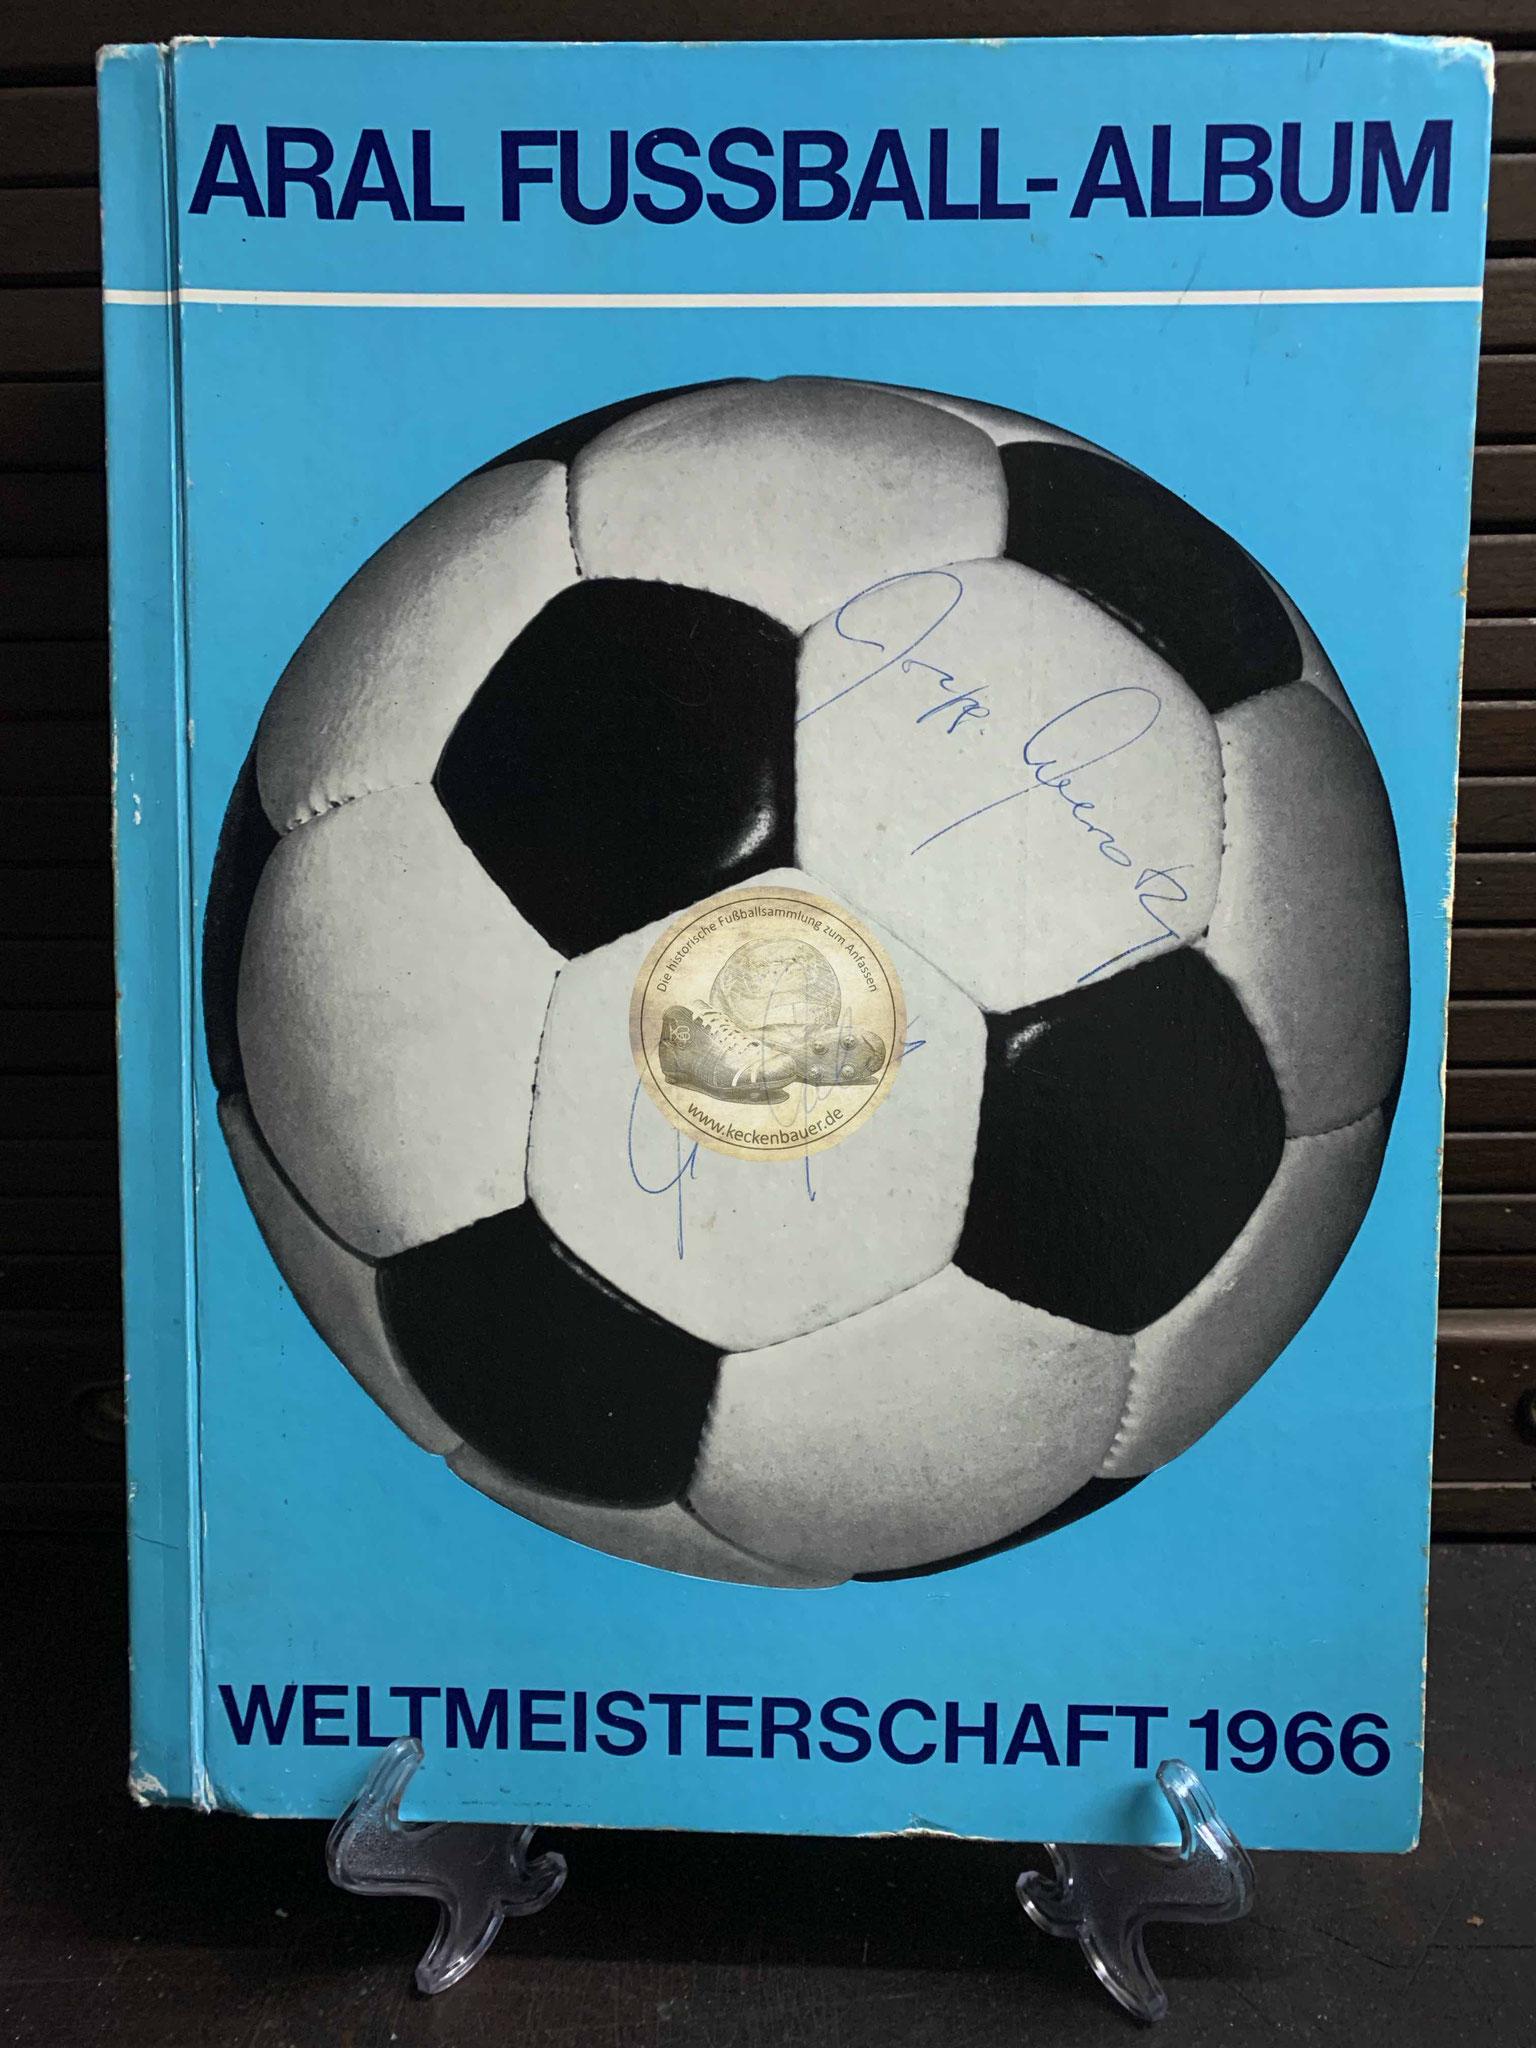 ARAL Fußball-Album Weltmeisterschaft 1966, natürlich vollständig.